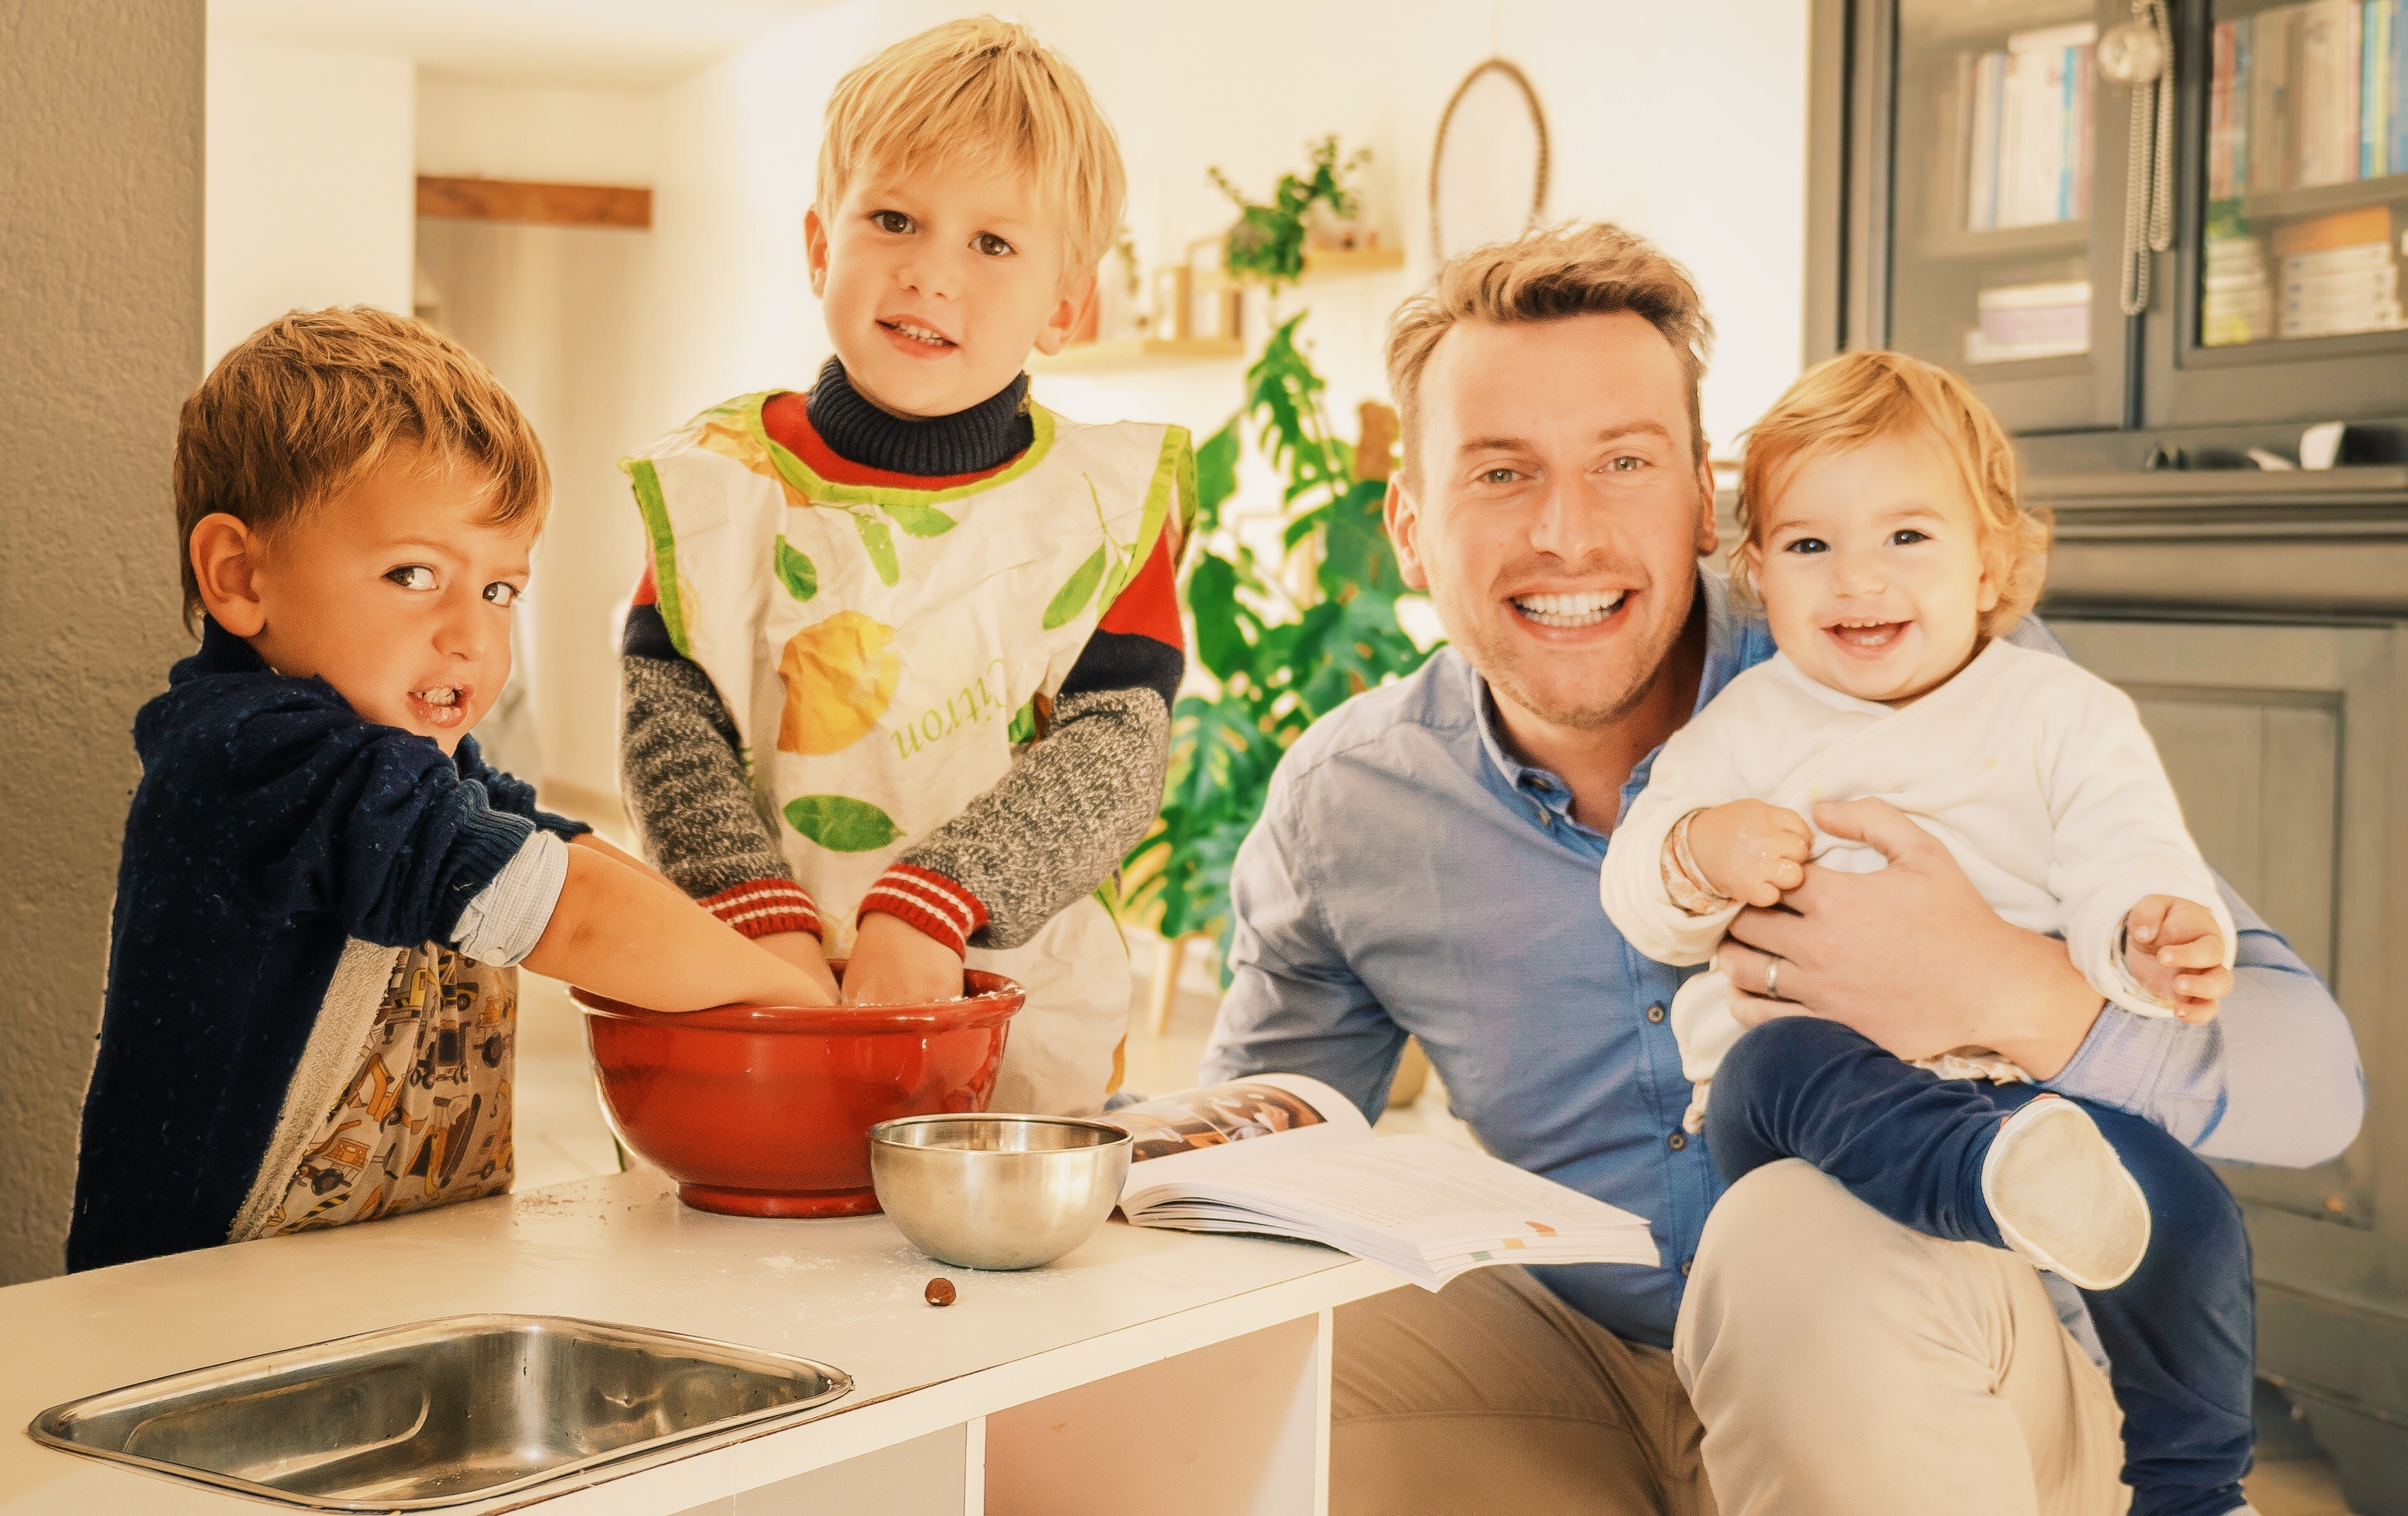 cuisiner avec les enfants famille epanouie. Black Bedroom Furniture Sets. Home Design Ideas